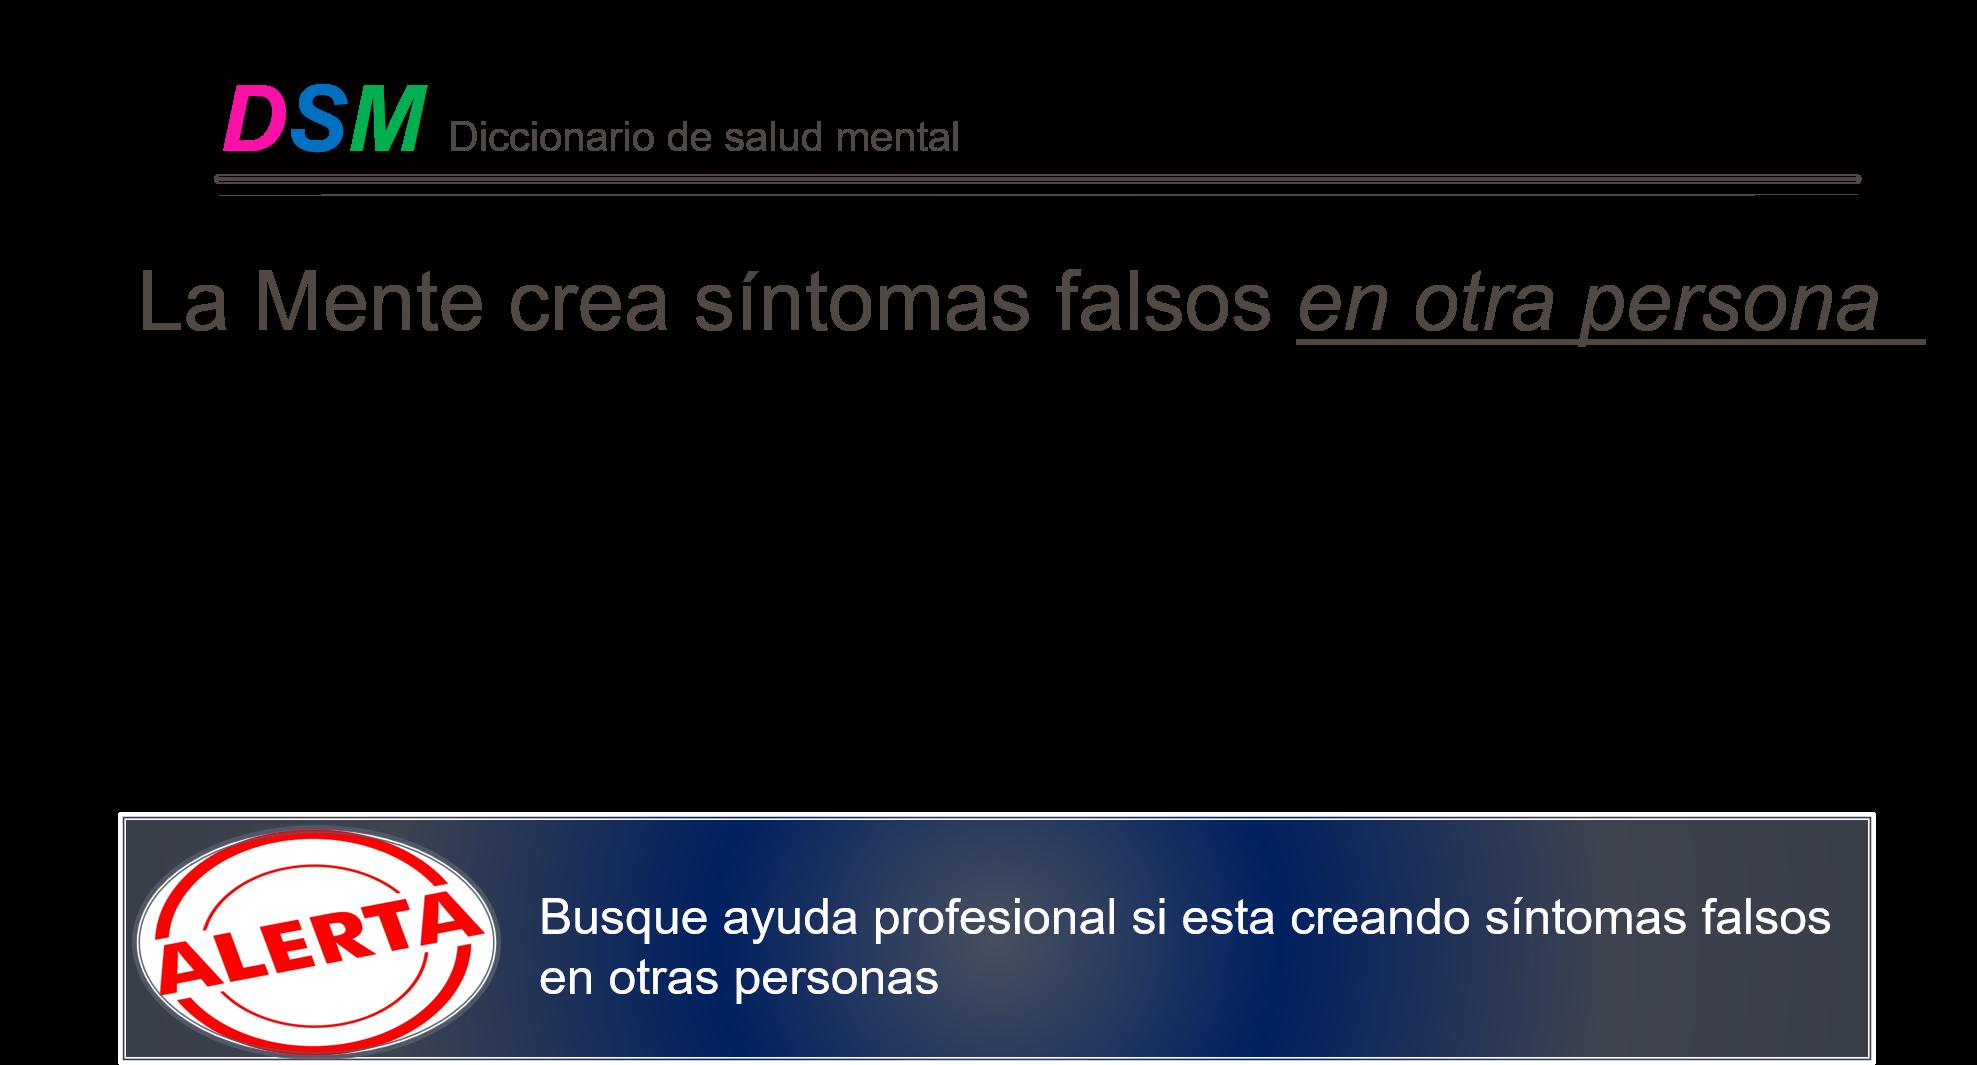 Sintomas falsos en otra persona